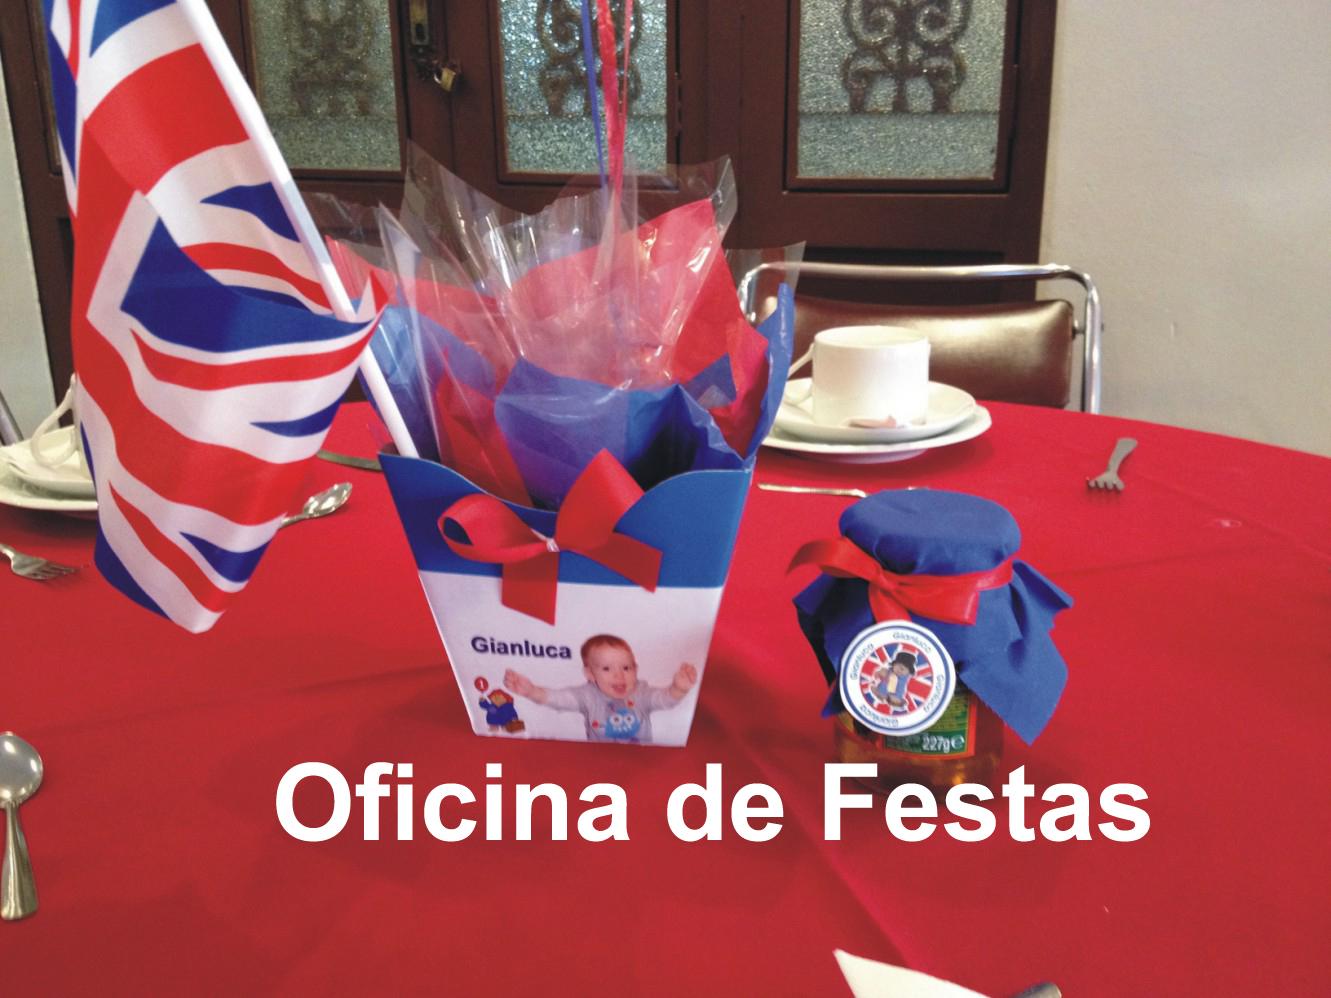 Sheila moura paddington bear party for Oficinas de klm